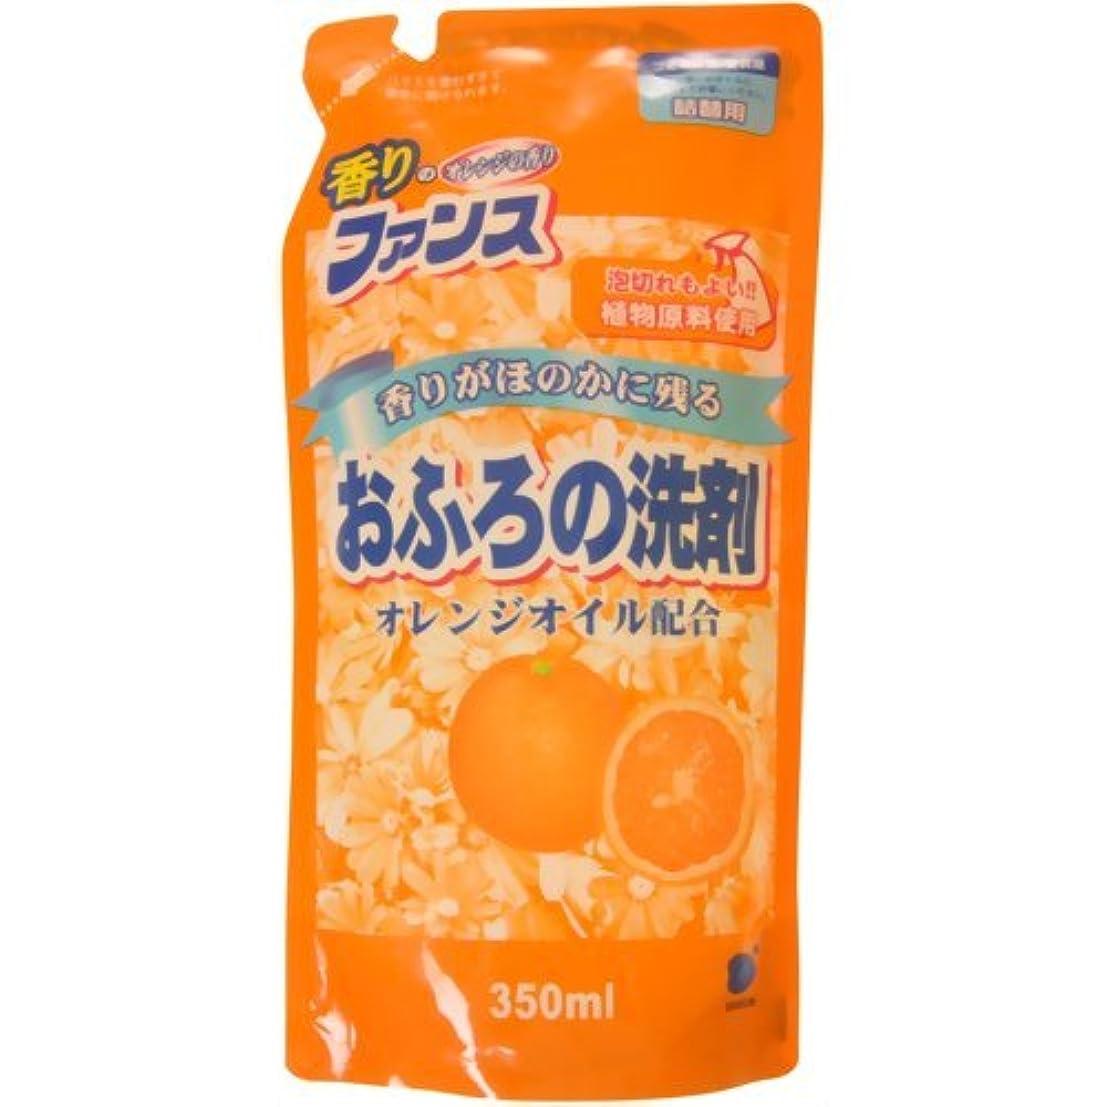 奇跡真似る絶滅香りのファンス おふろの洗剤 オレンジ つめかえ用 350ml